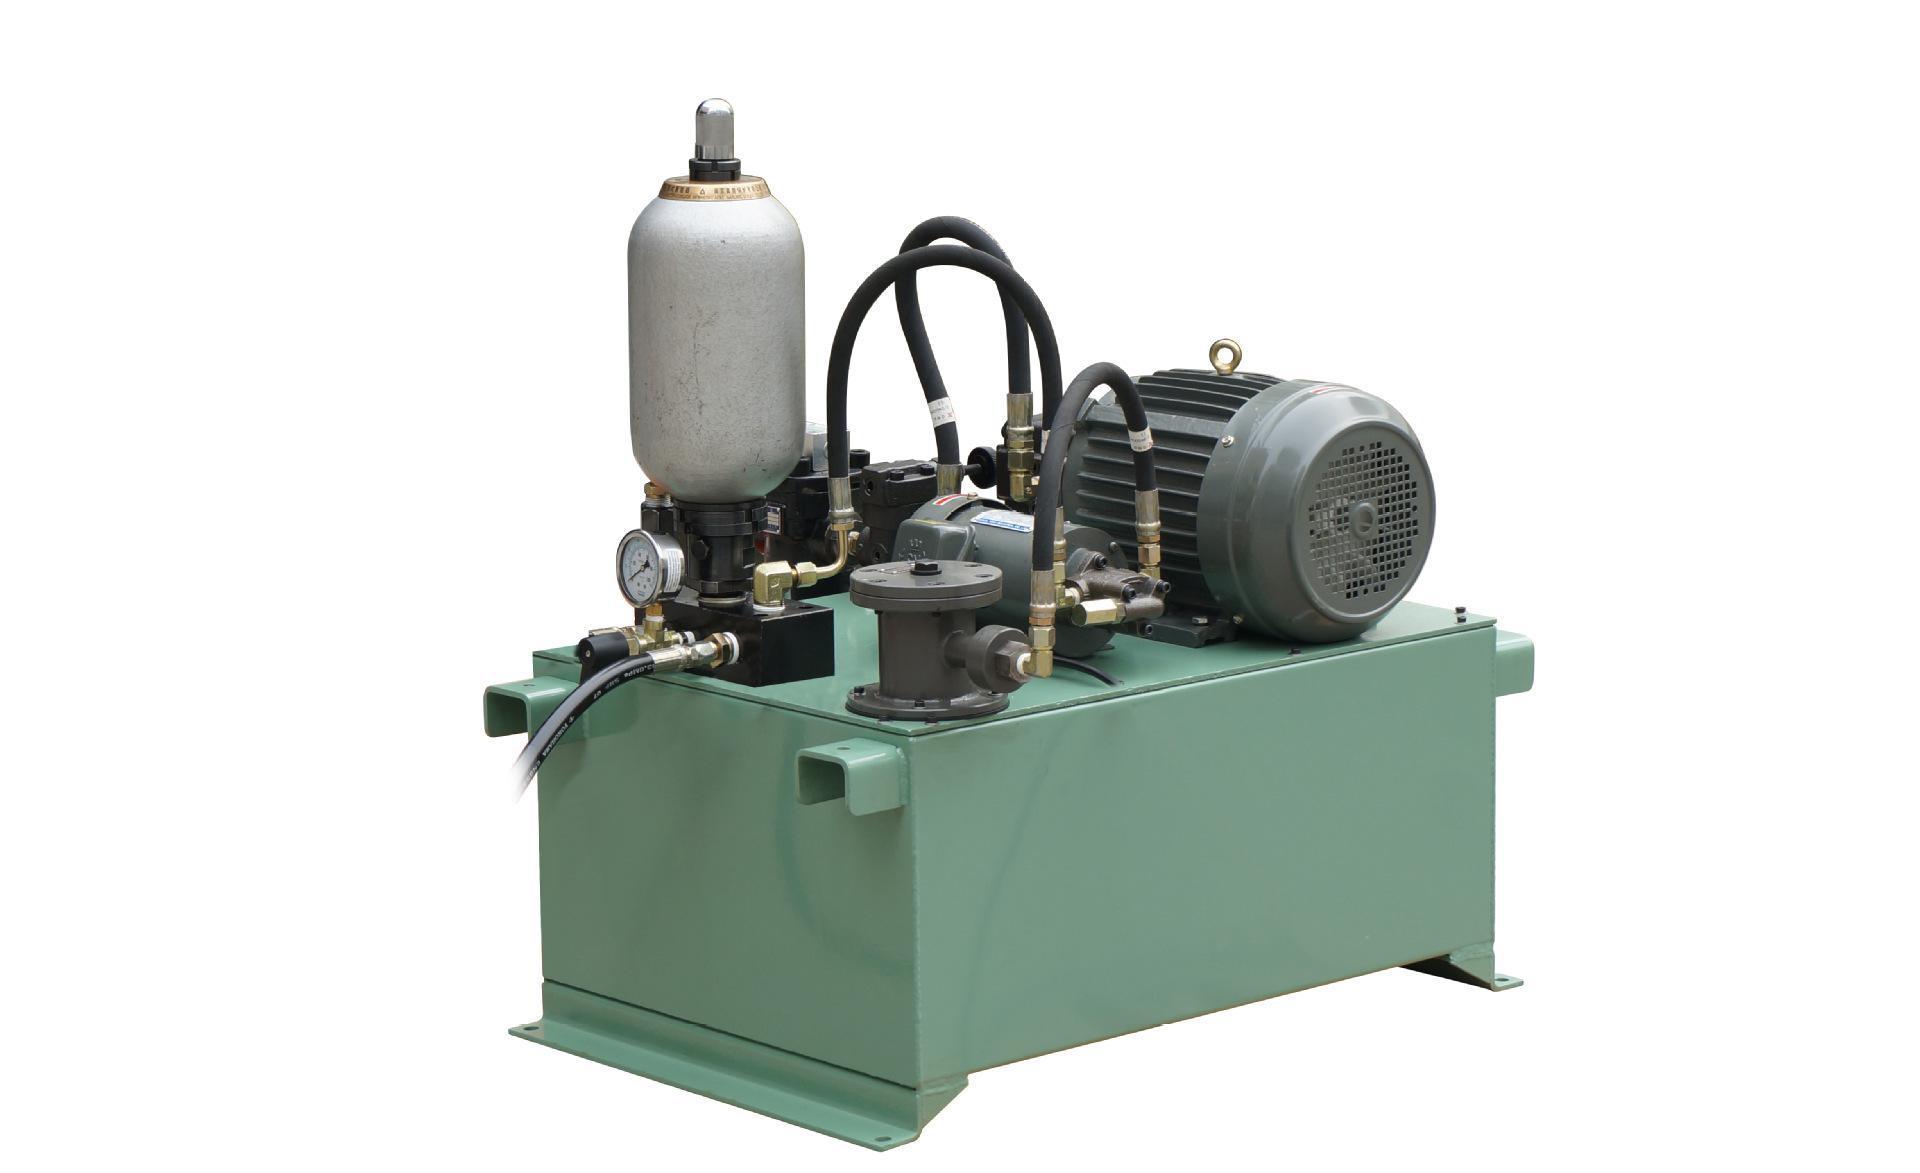 液压系统因为缺油而进入了空气,要如何排气佛山电动机电厂家与你分享